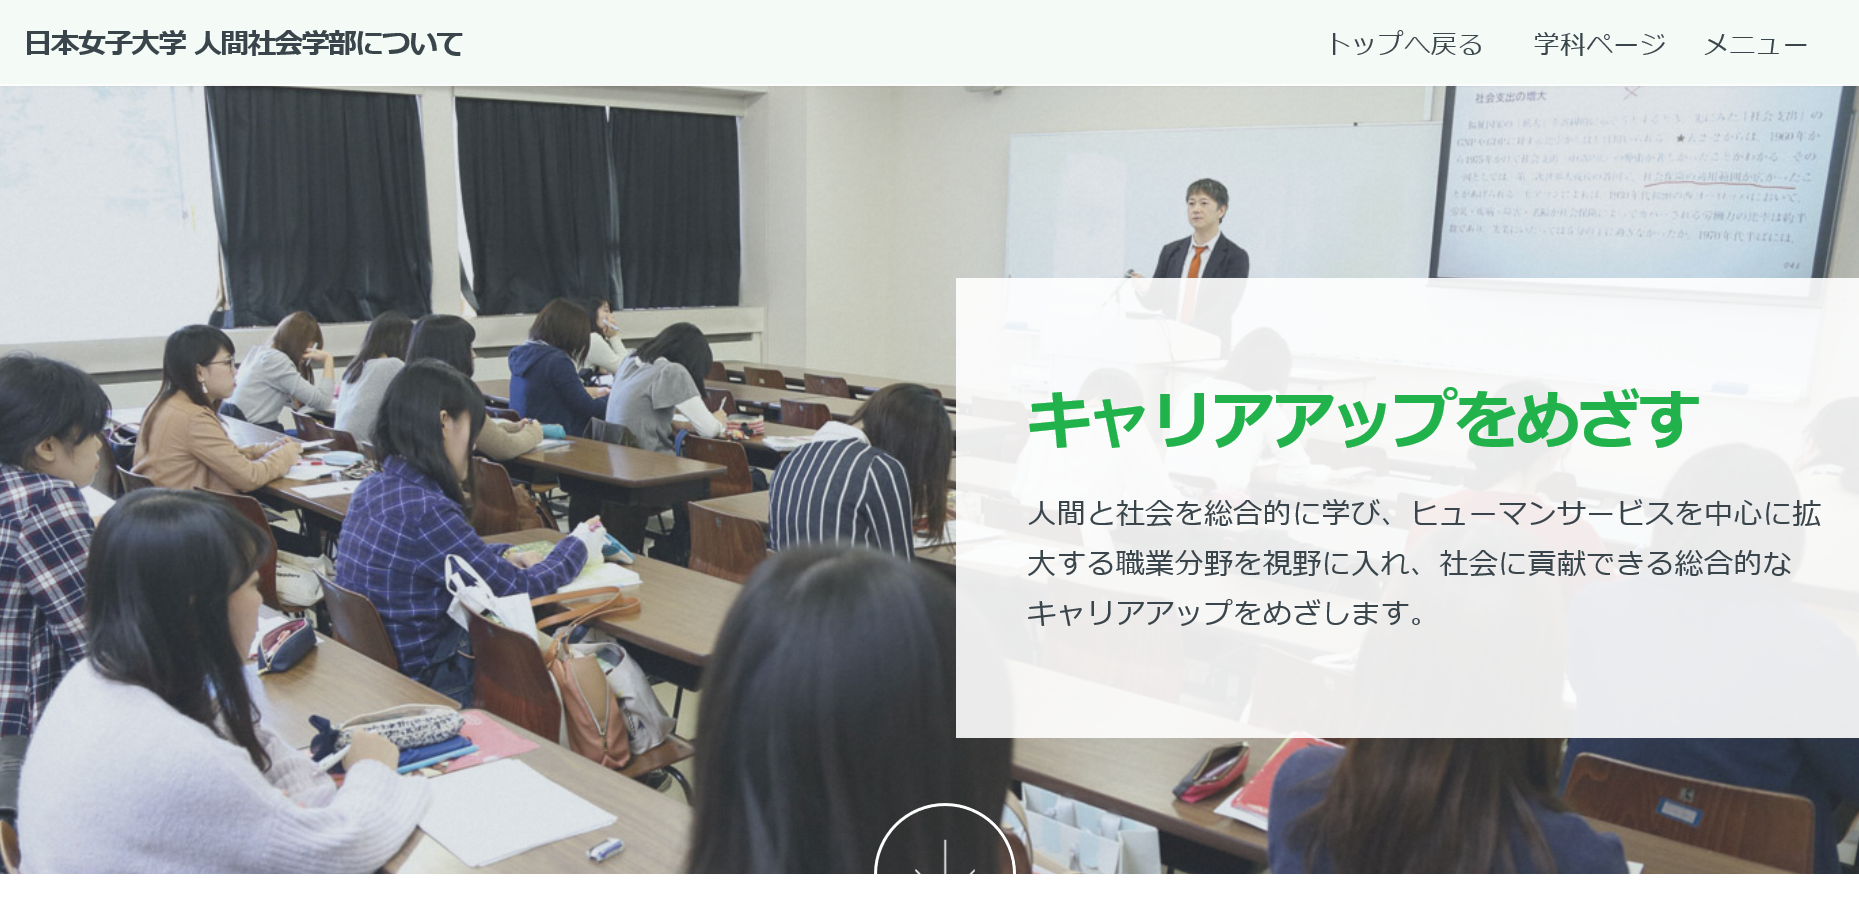 日本女子大学の評判・口コミ【人間社会学部編】